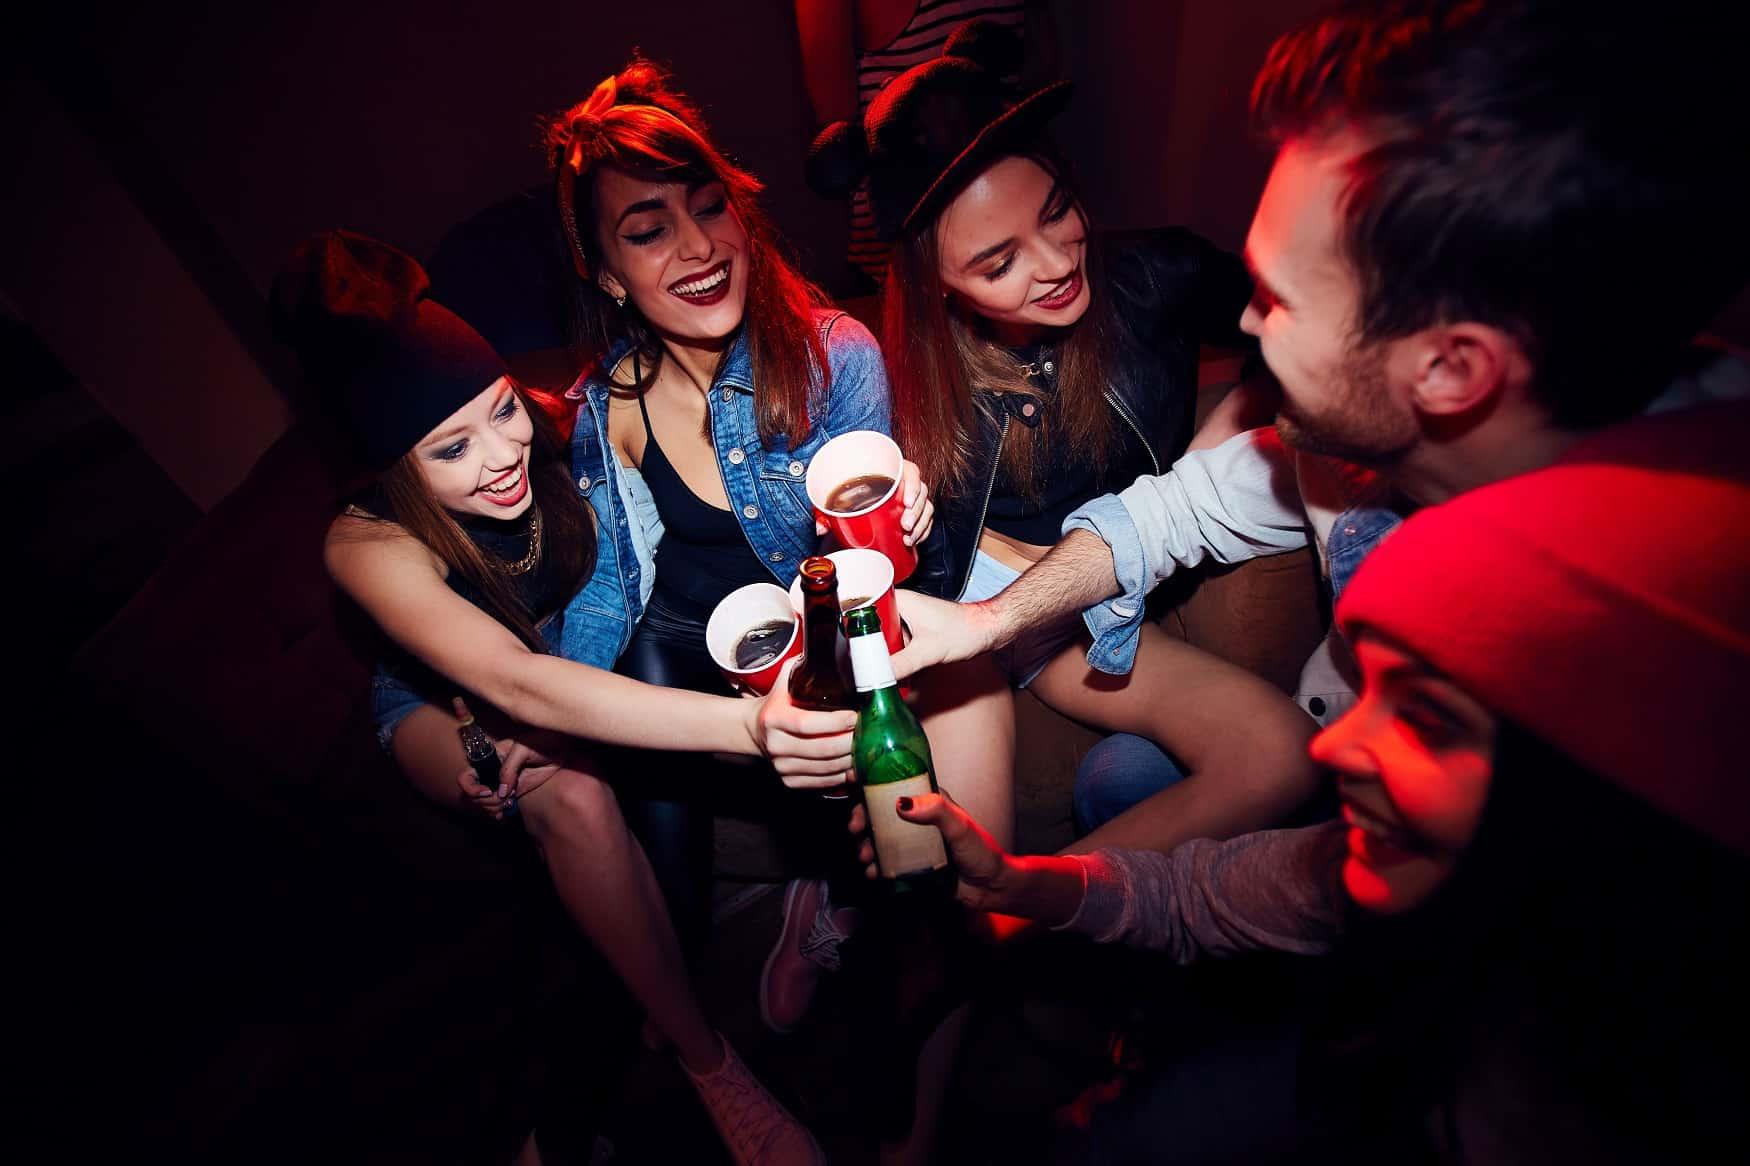 alcohol bij tieners